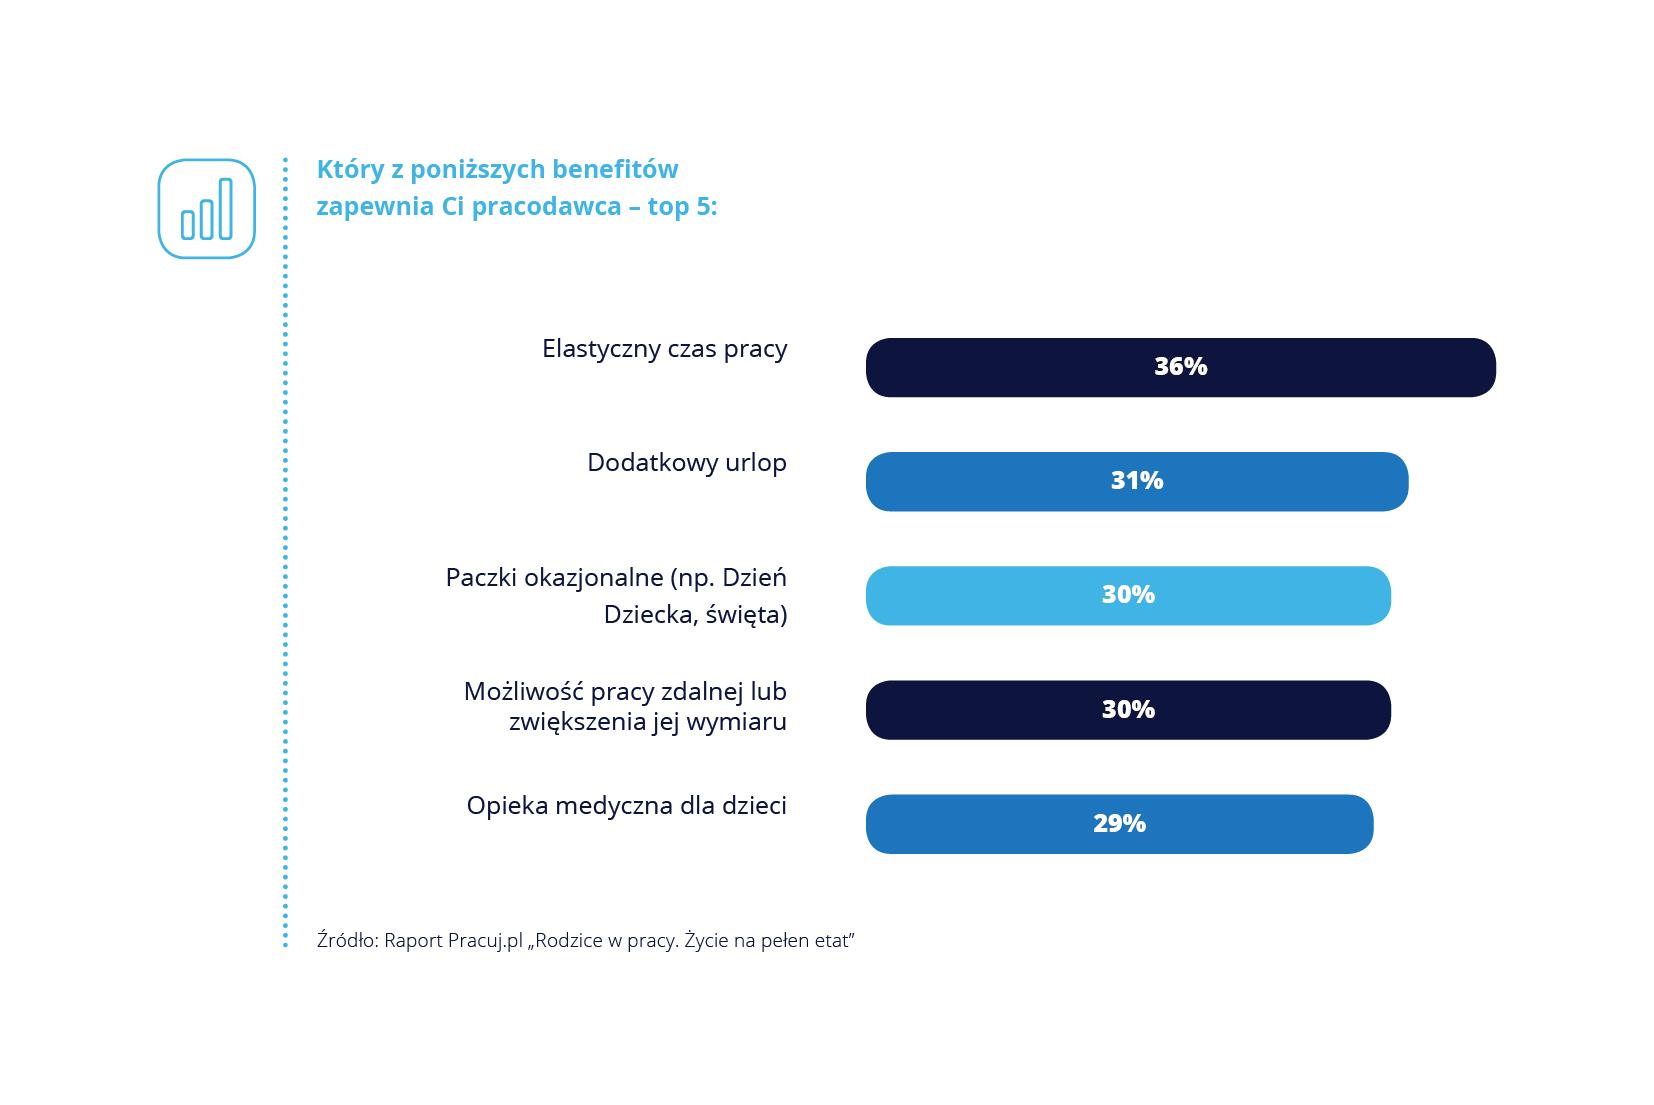 Elastyczny czas pracy – ważny benefit w życiu pracujących rodziców (raport Pracuj.pl)